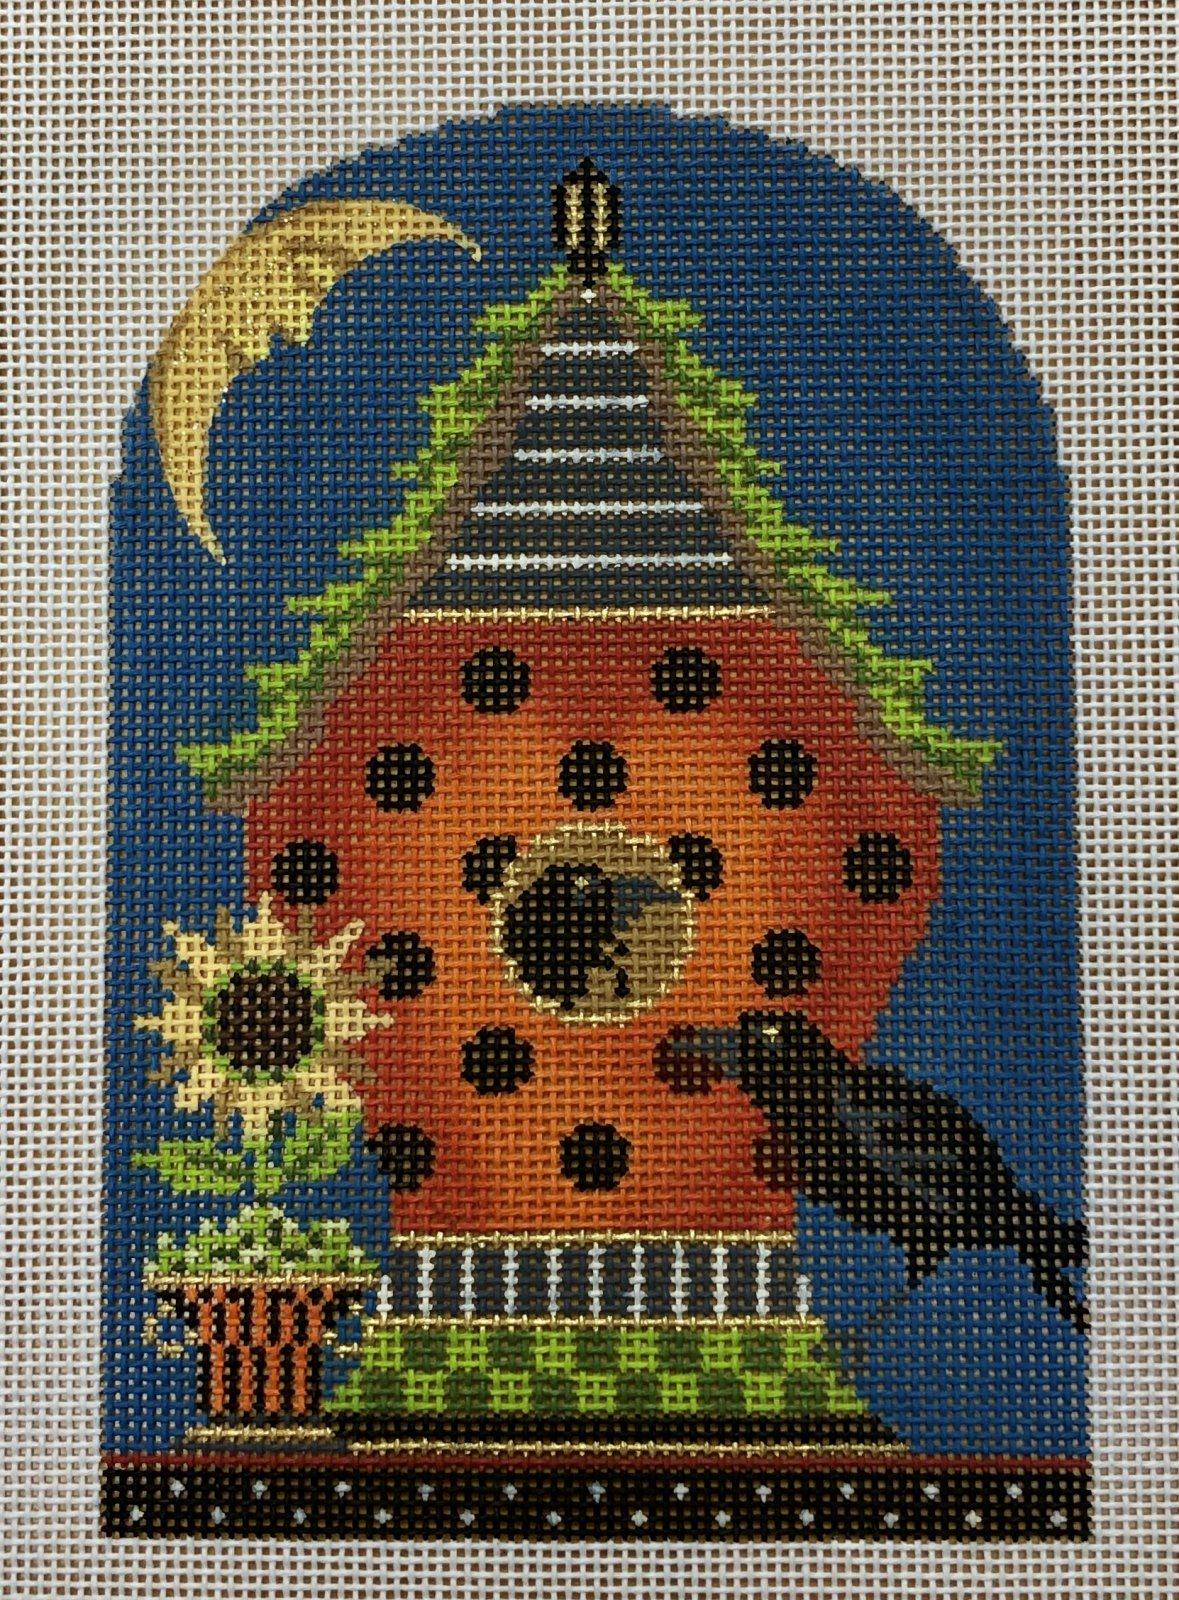 birdhouse, autumn 19